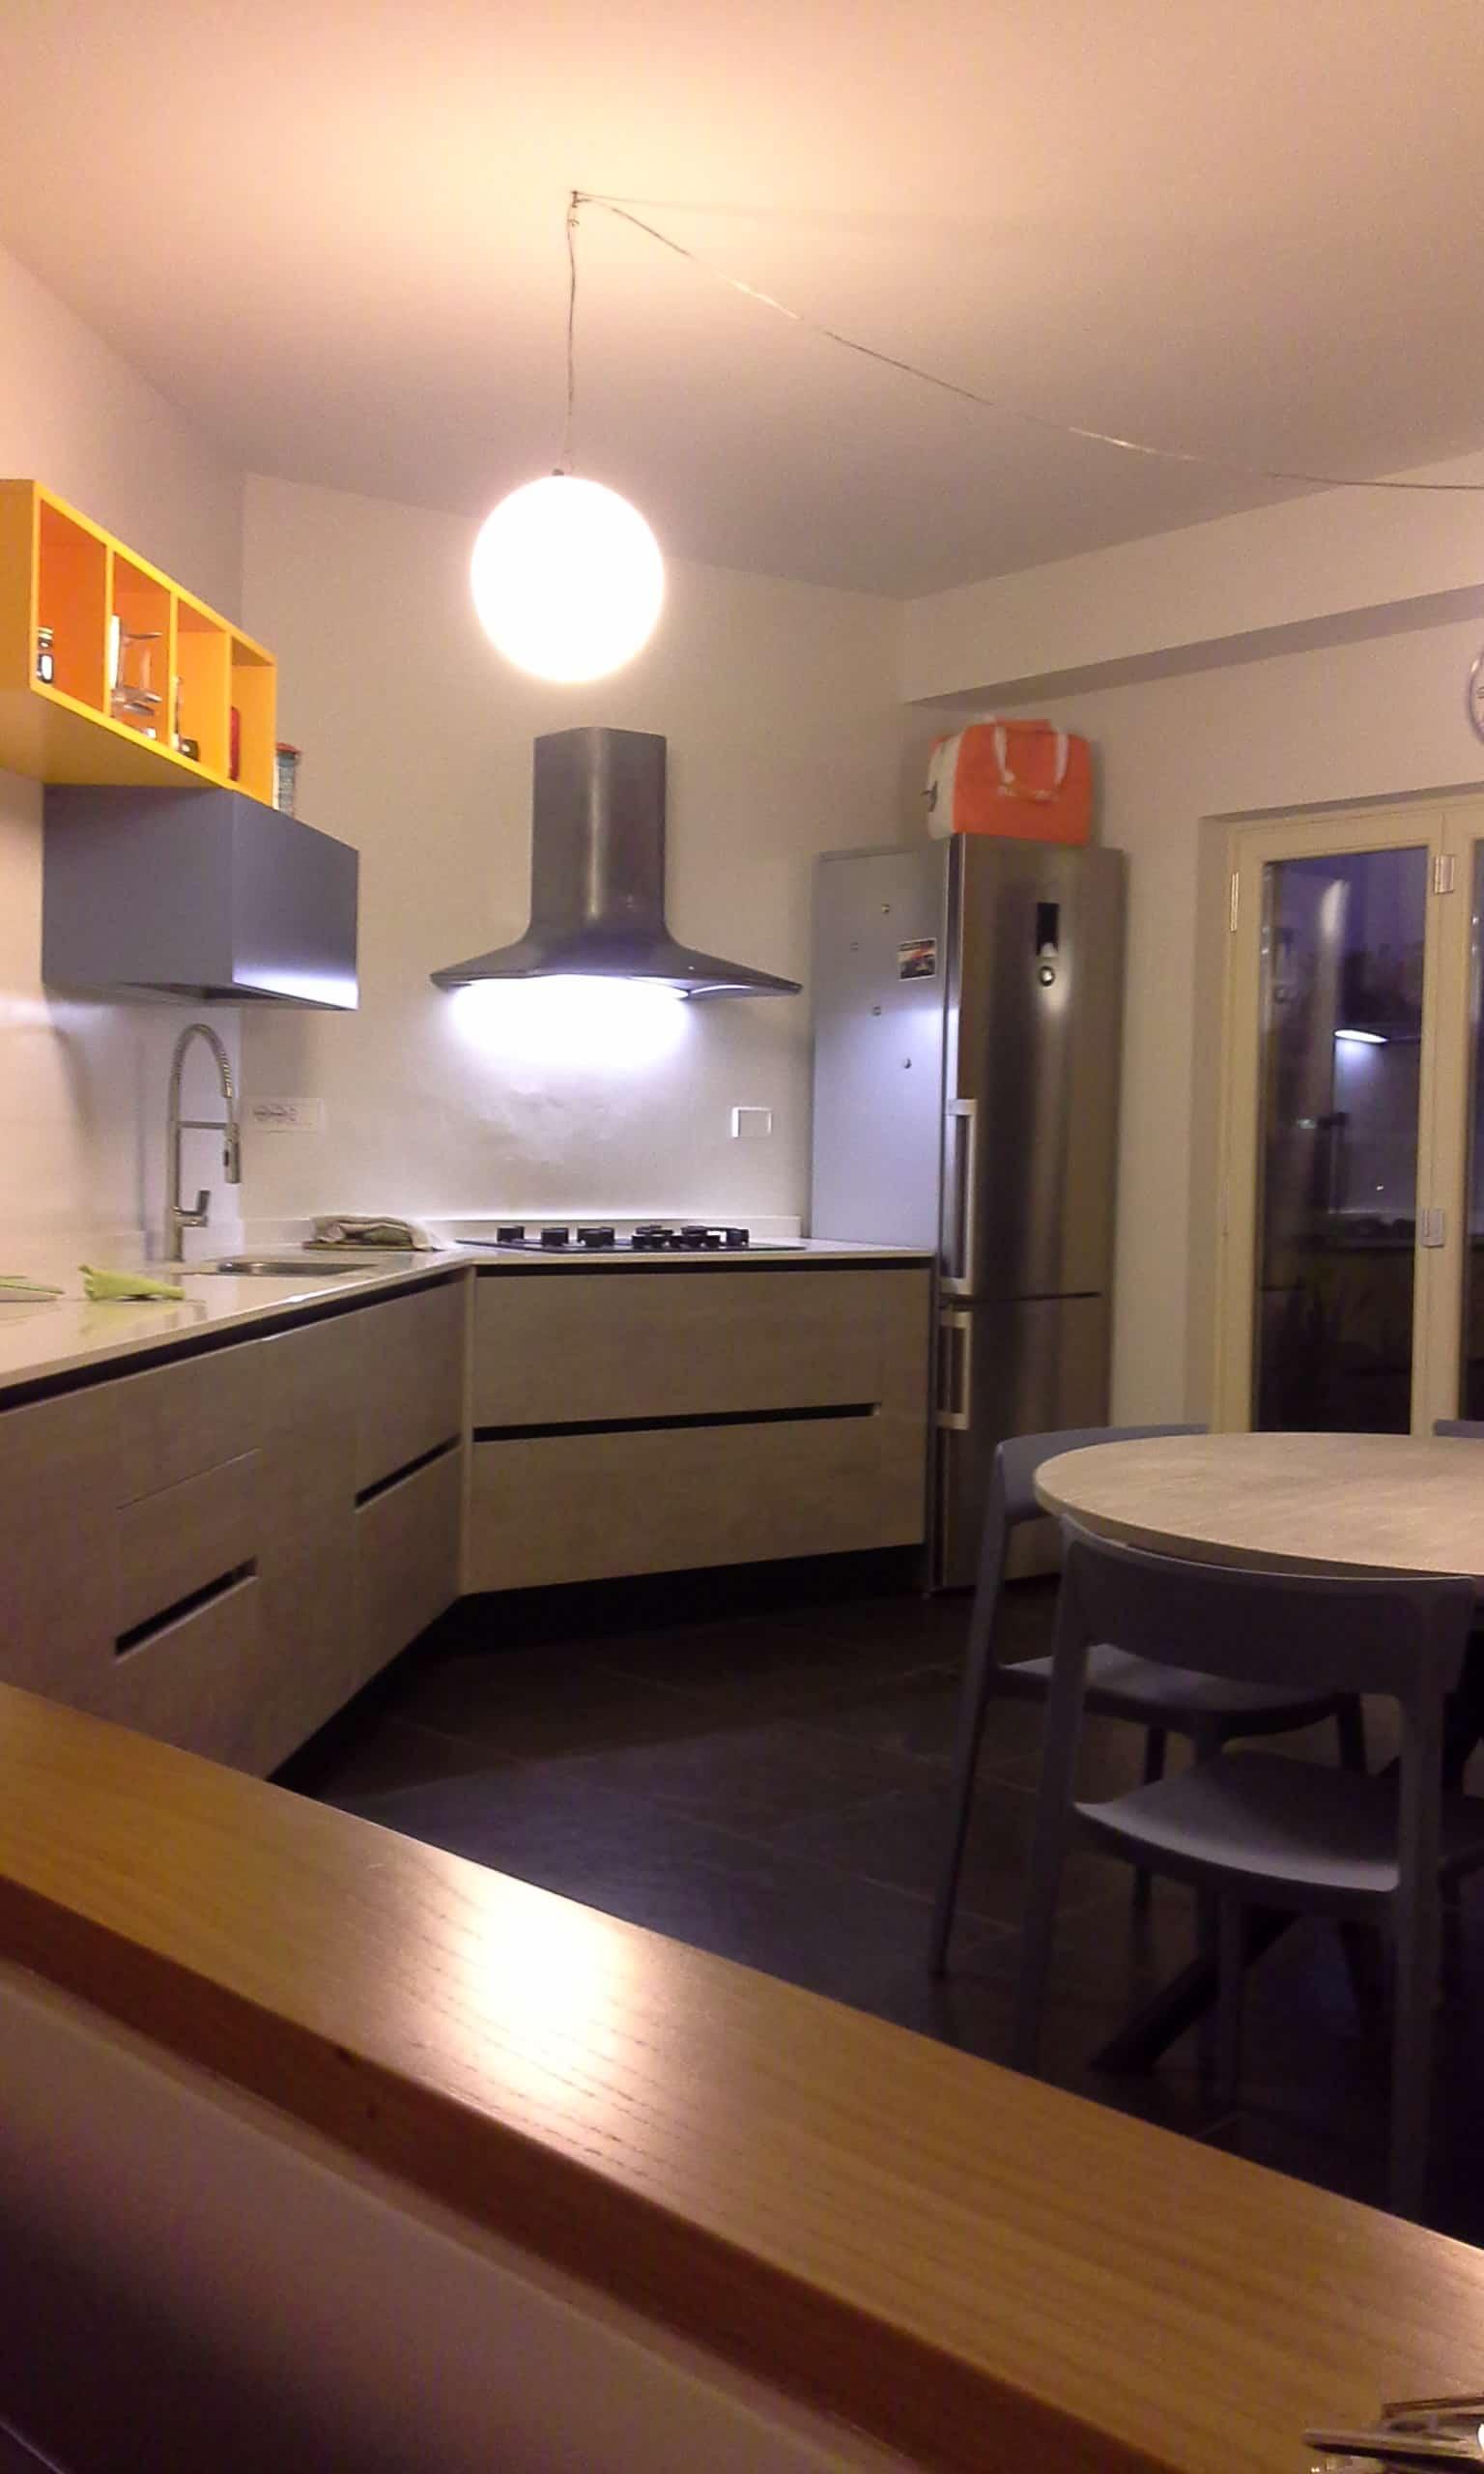 Cucina moderna allestita dal negozio cucine in Canavese laccata vari colori